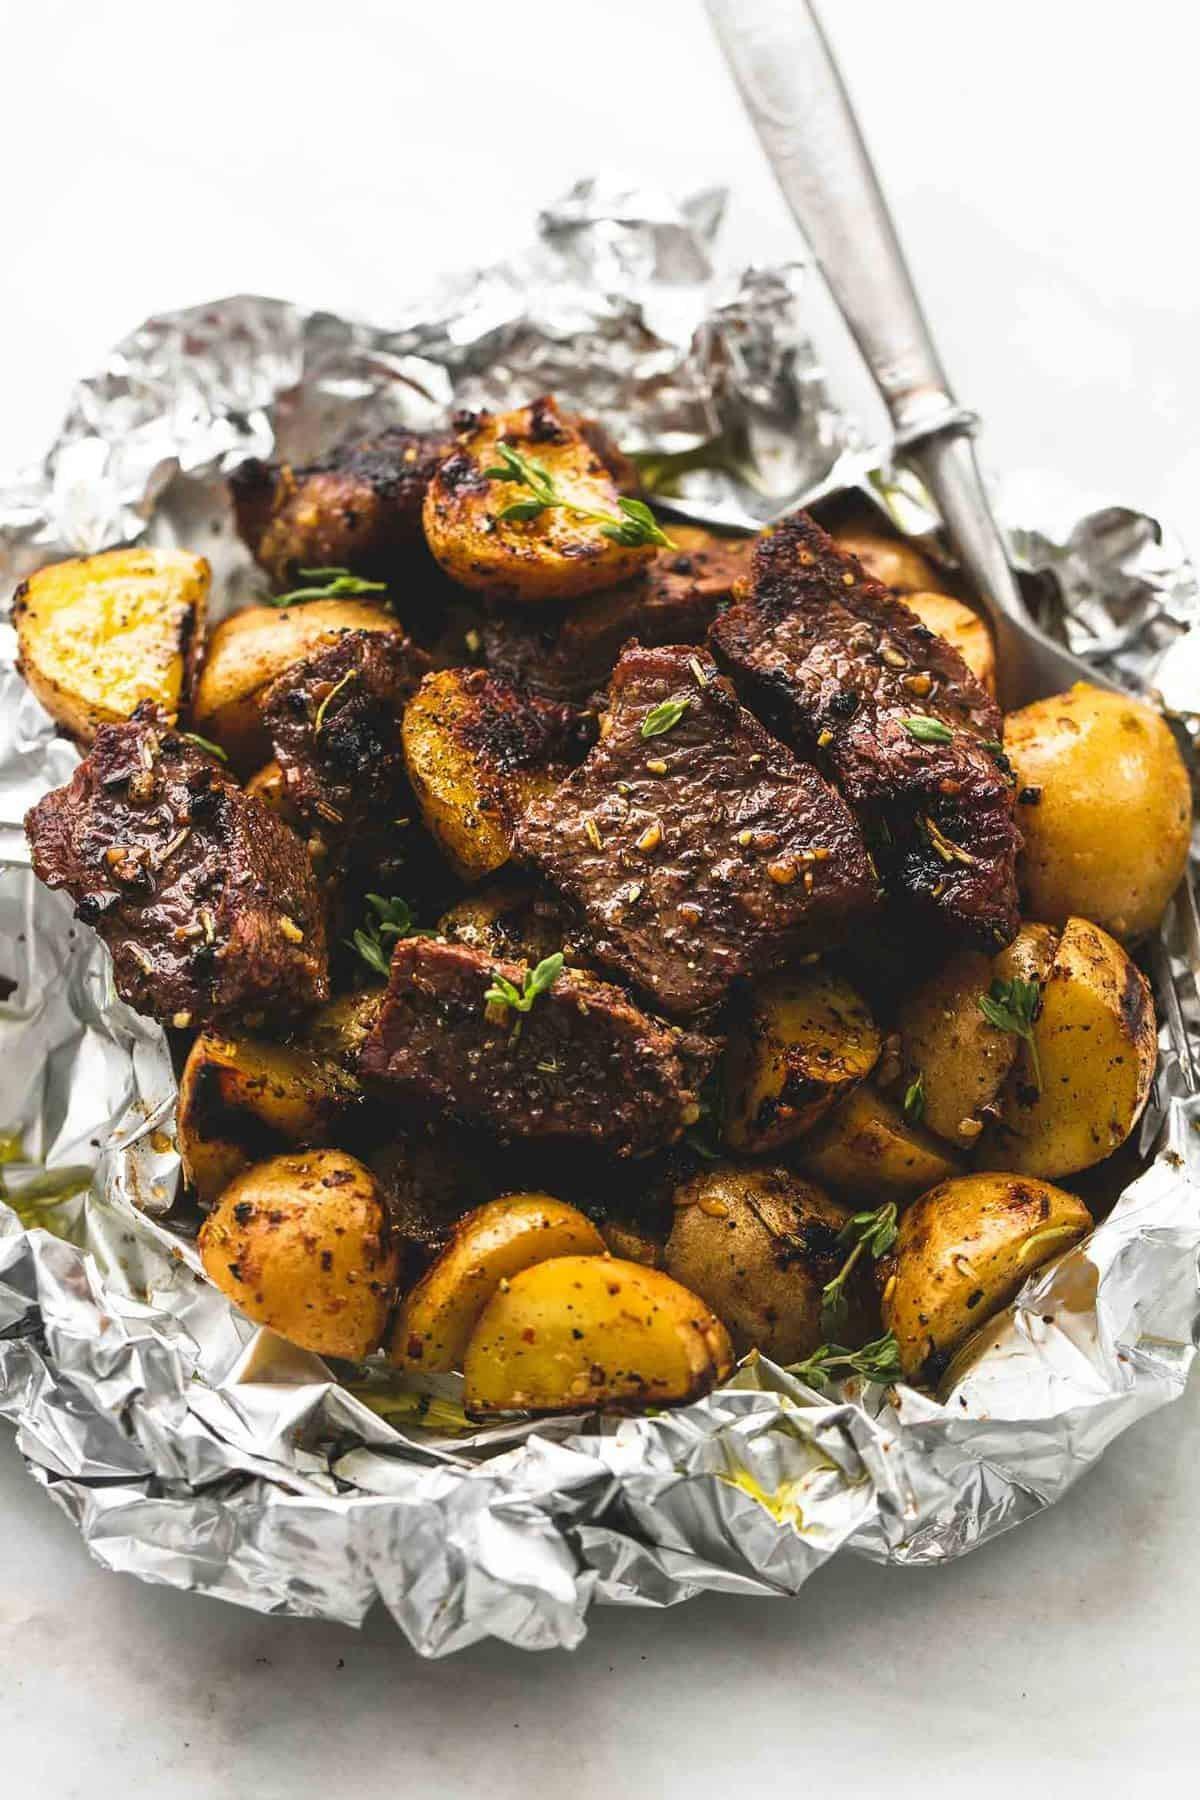 وصفات بطاطس مشوية - طريقة عمل مكعبات اللحم والبطاطس المشوية